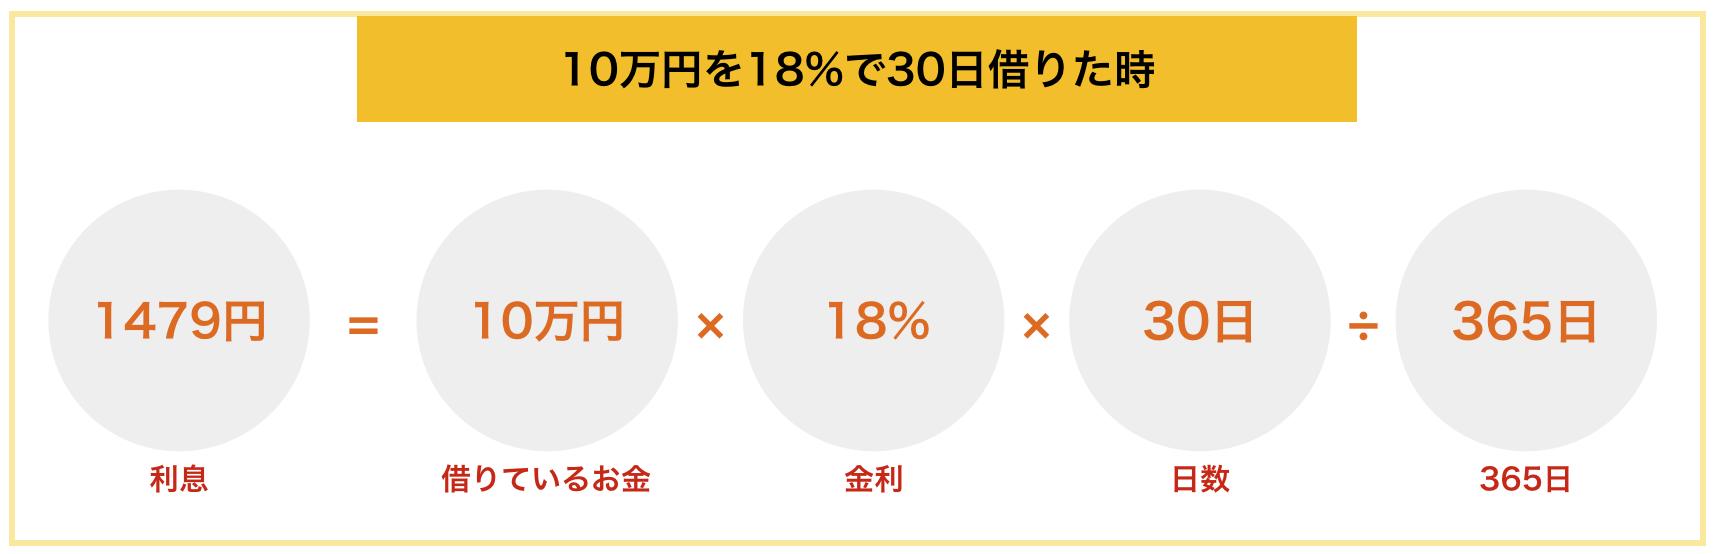 10万円を18%で30日借りた時